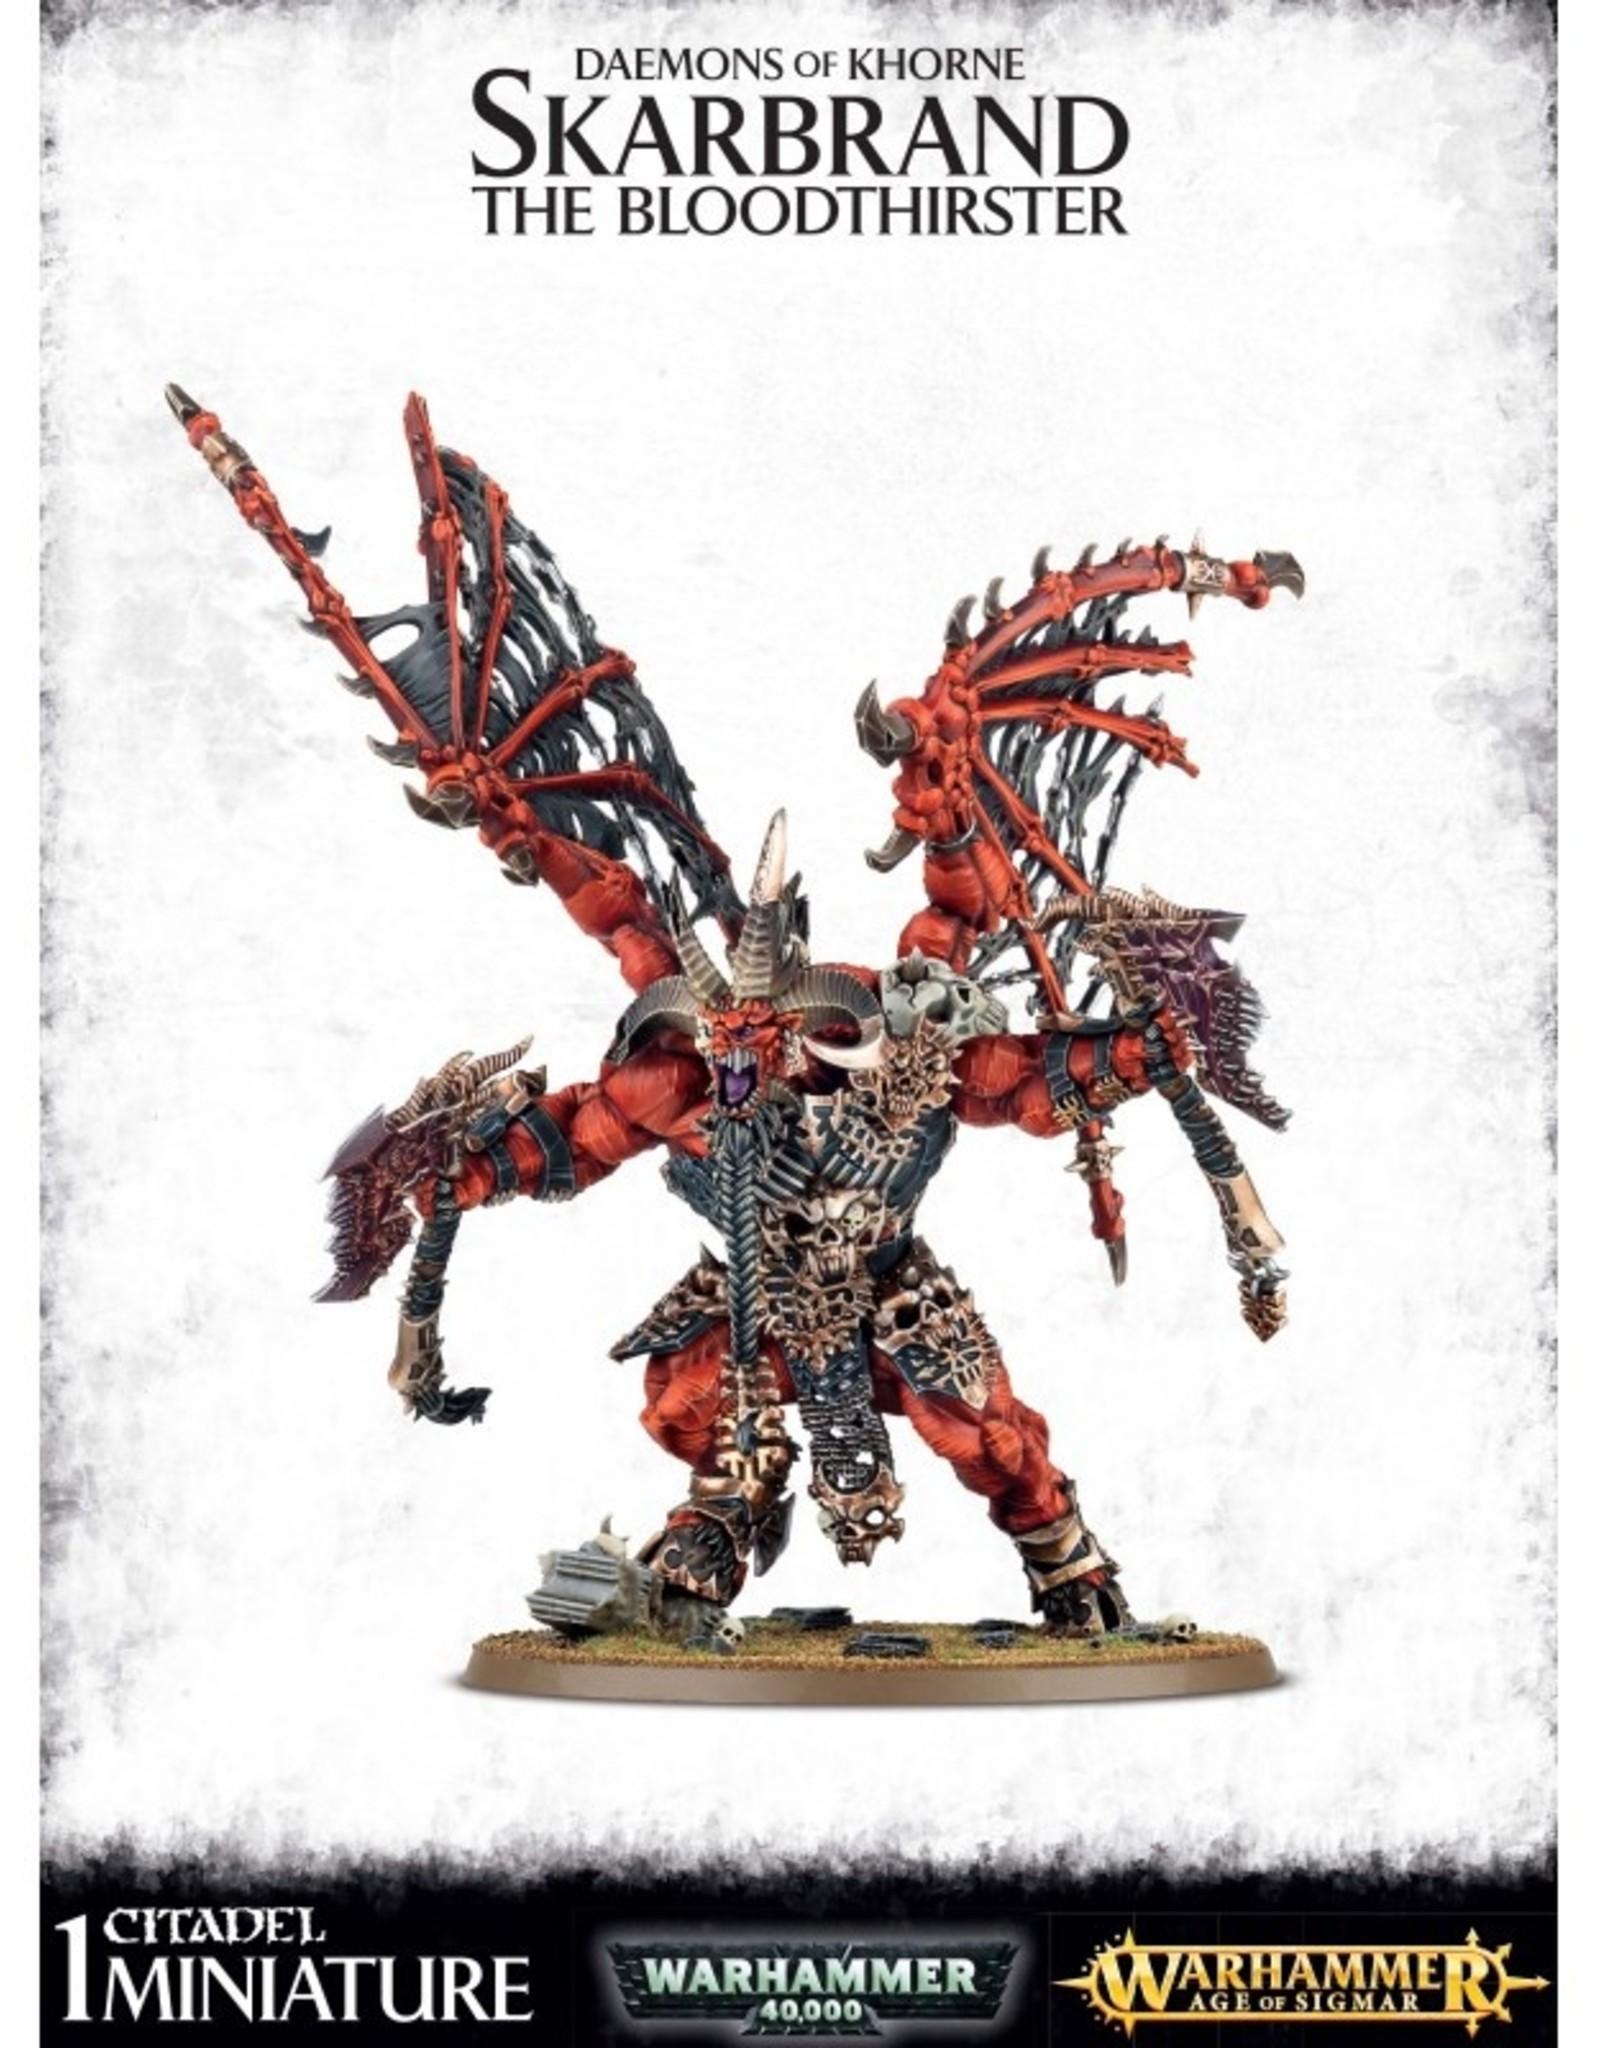 Games Workshop Daemons of Khorne Skarbrand the Bloodthirster